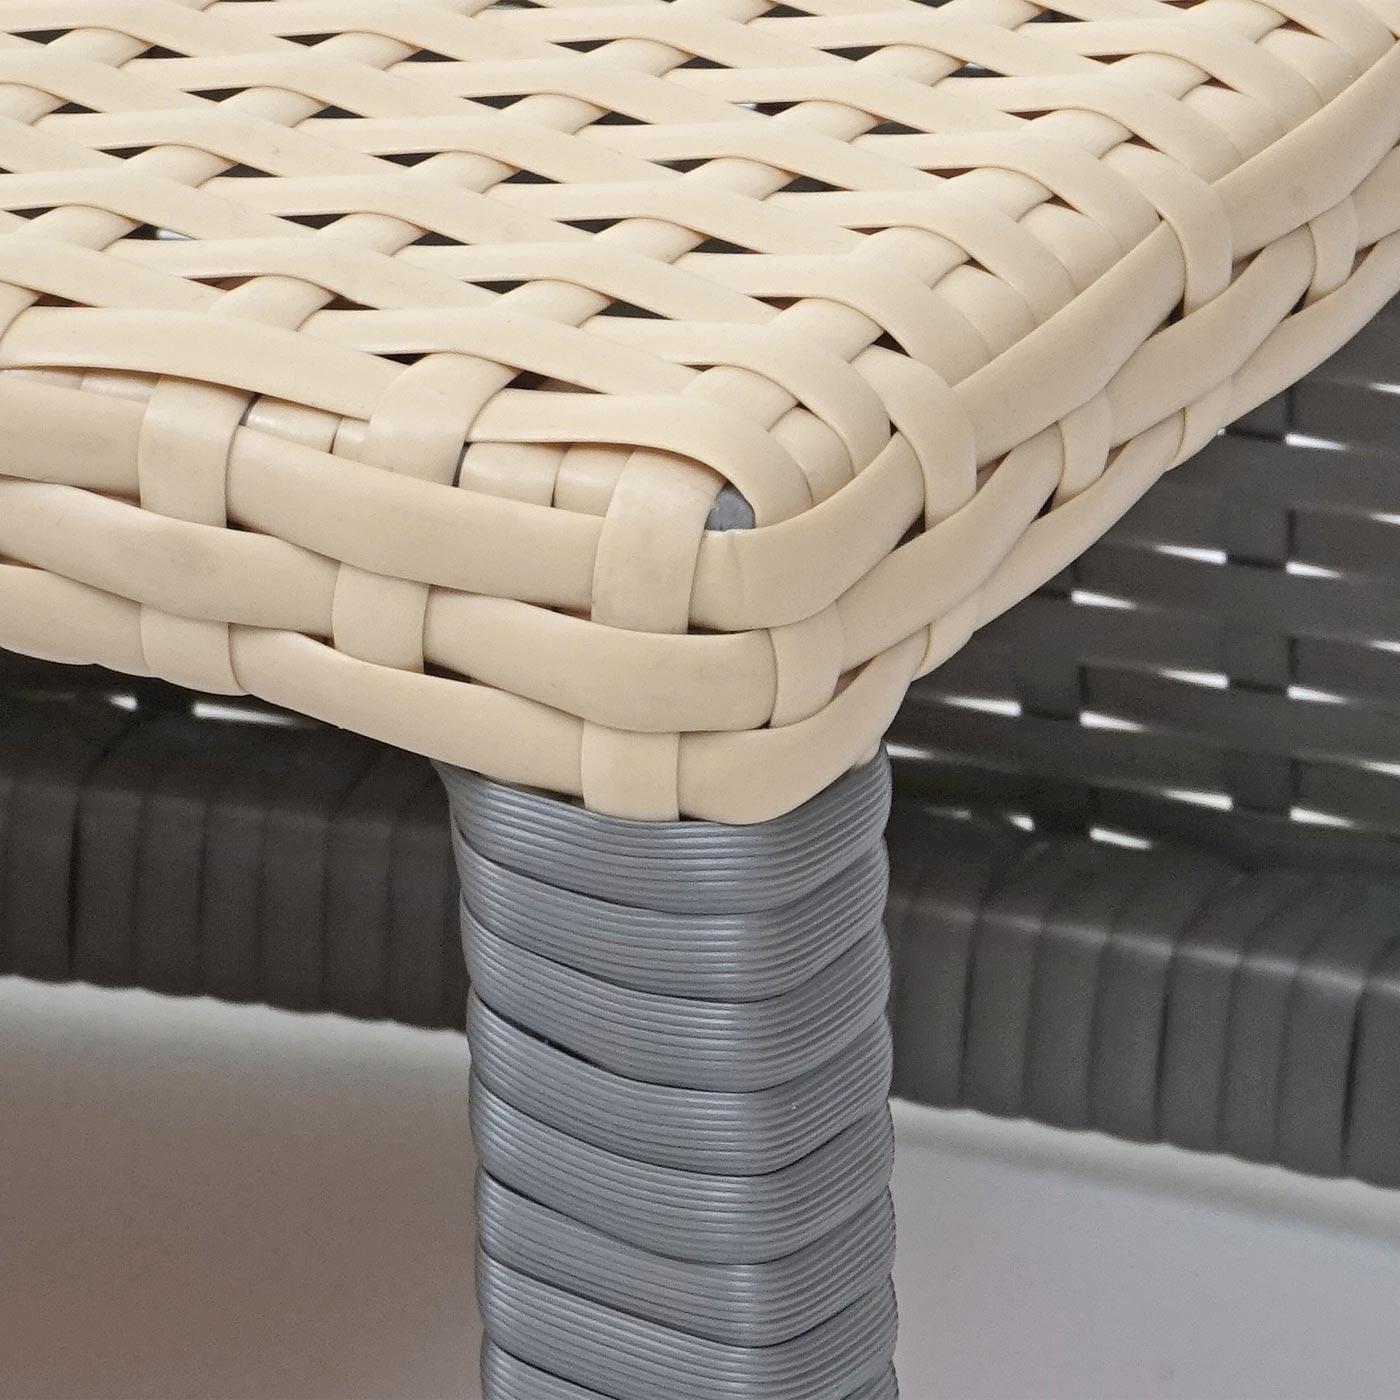 escalier pour bain bouillonnant m spa m 021ls m 009ls 019ls hwc a62 ebay. Black Bedroom Furniture Sets. Home Design Ideas